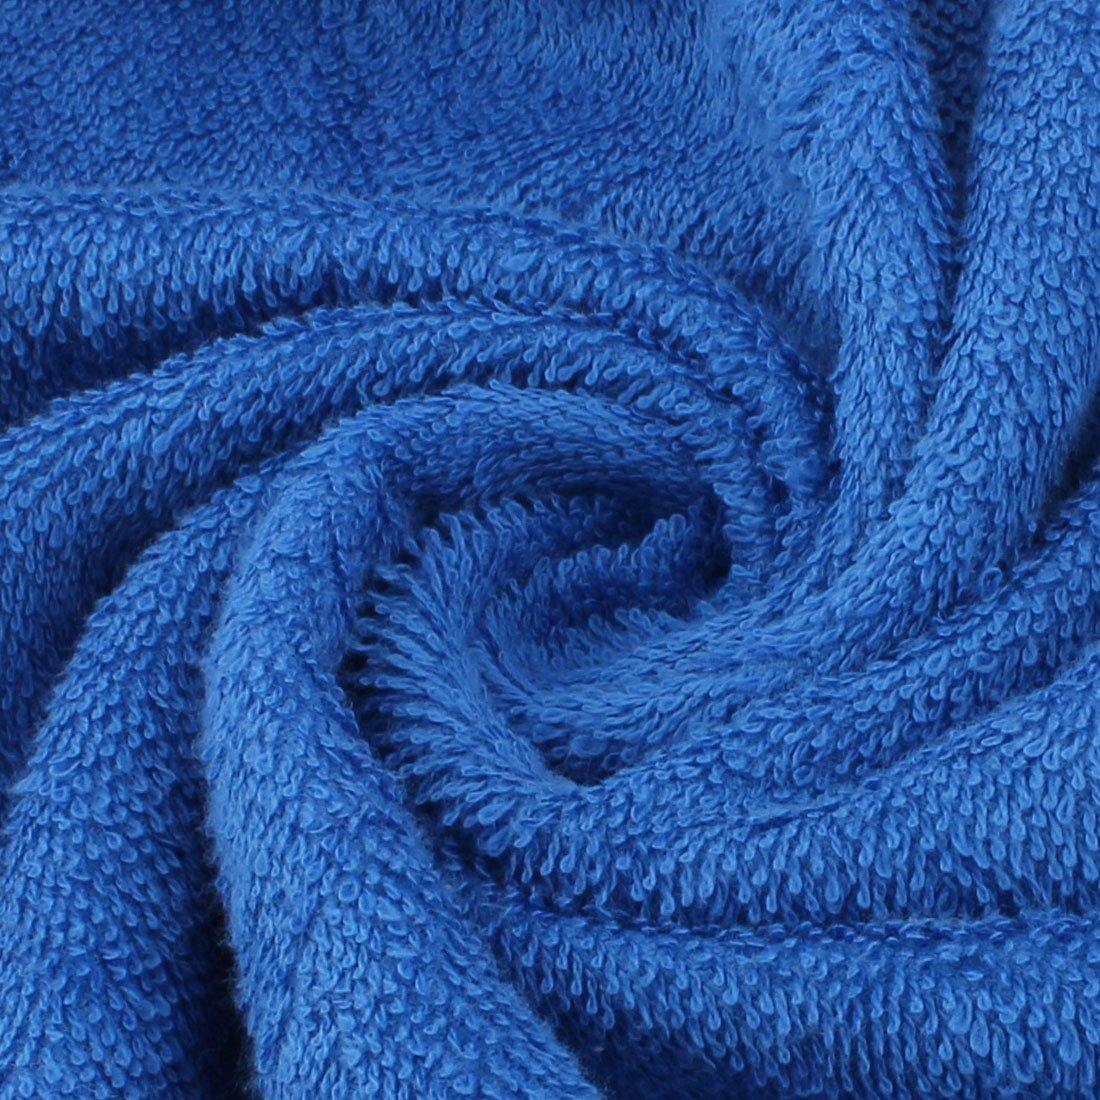 eDealMax douce Terry Home Spa Plage Hôtel Rectangle Forme Douche Serviette de bain 148 x 80 cm Bleu